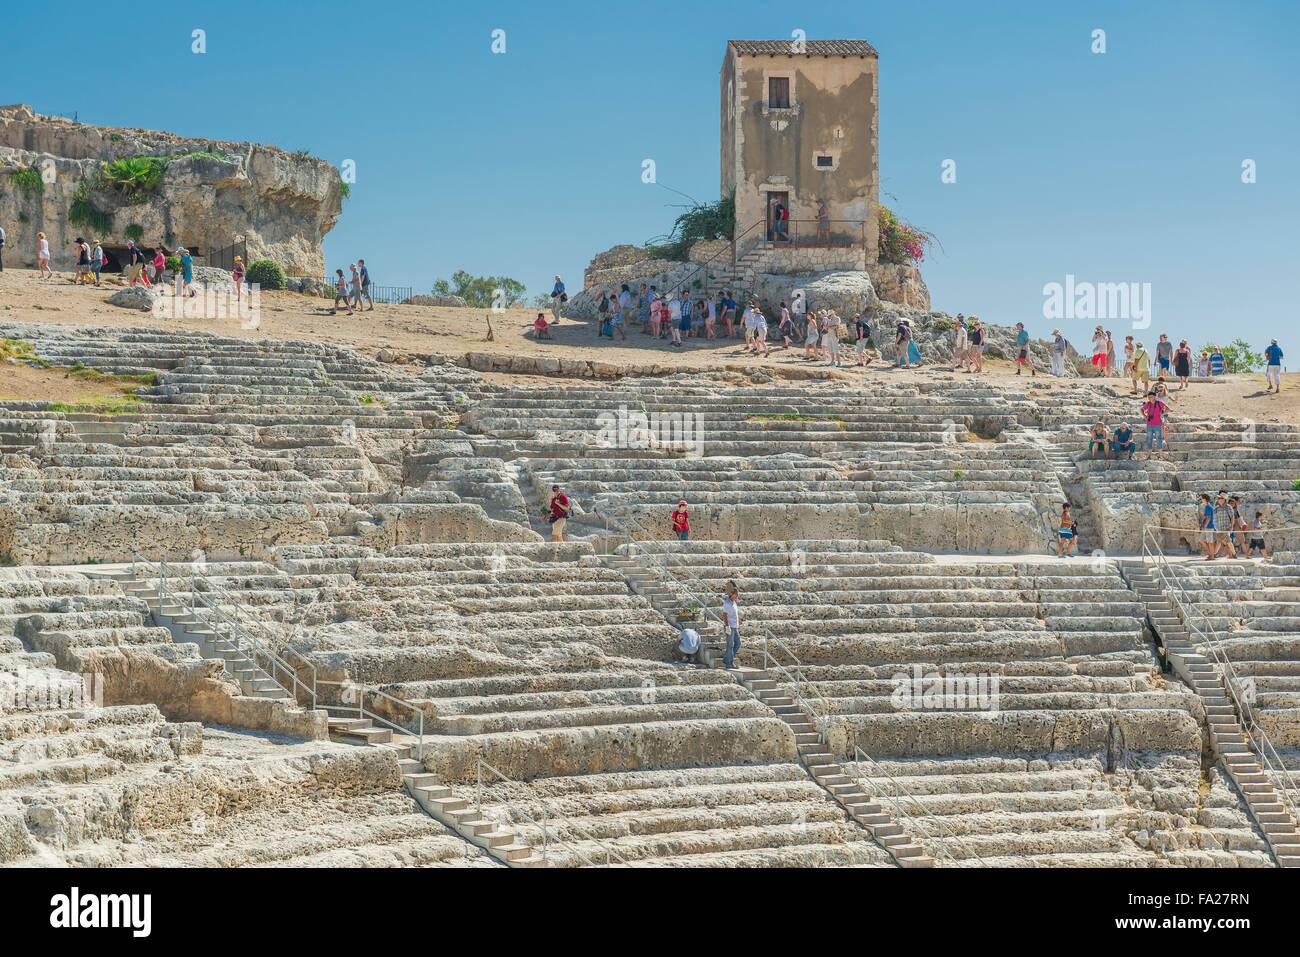 Sicilia teatro greco, vista l'auditorium dell'antico teatro greco nel parco archeologico di Siracusa (Siracusa), Foto Stock